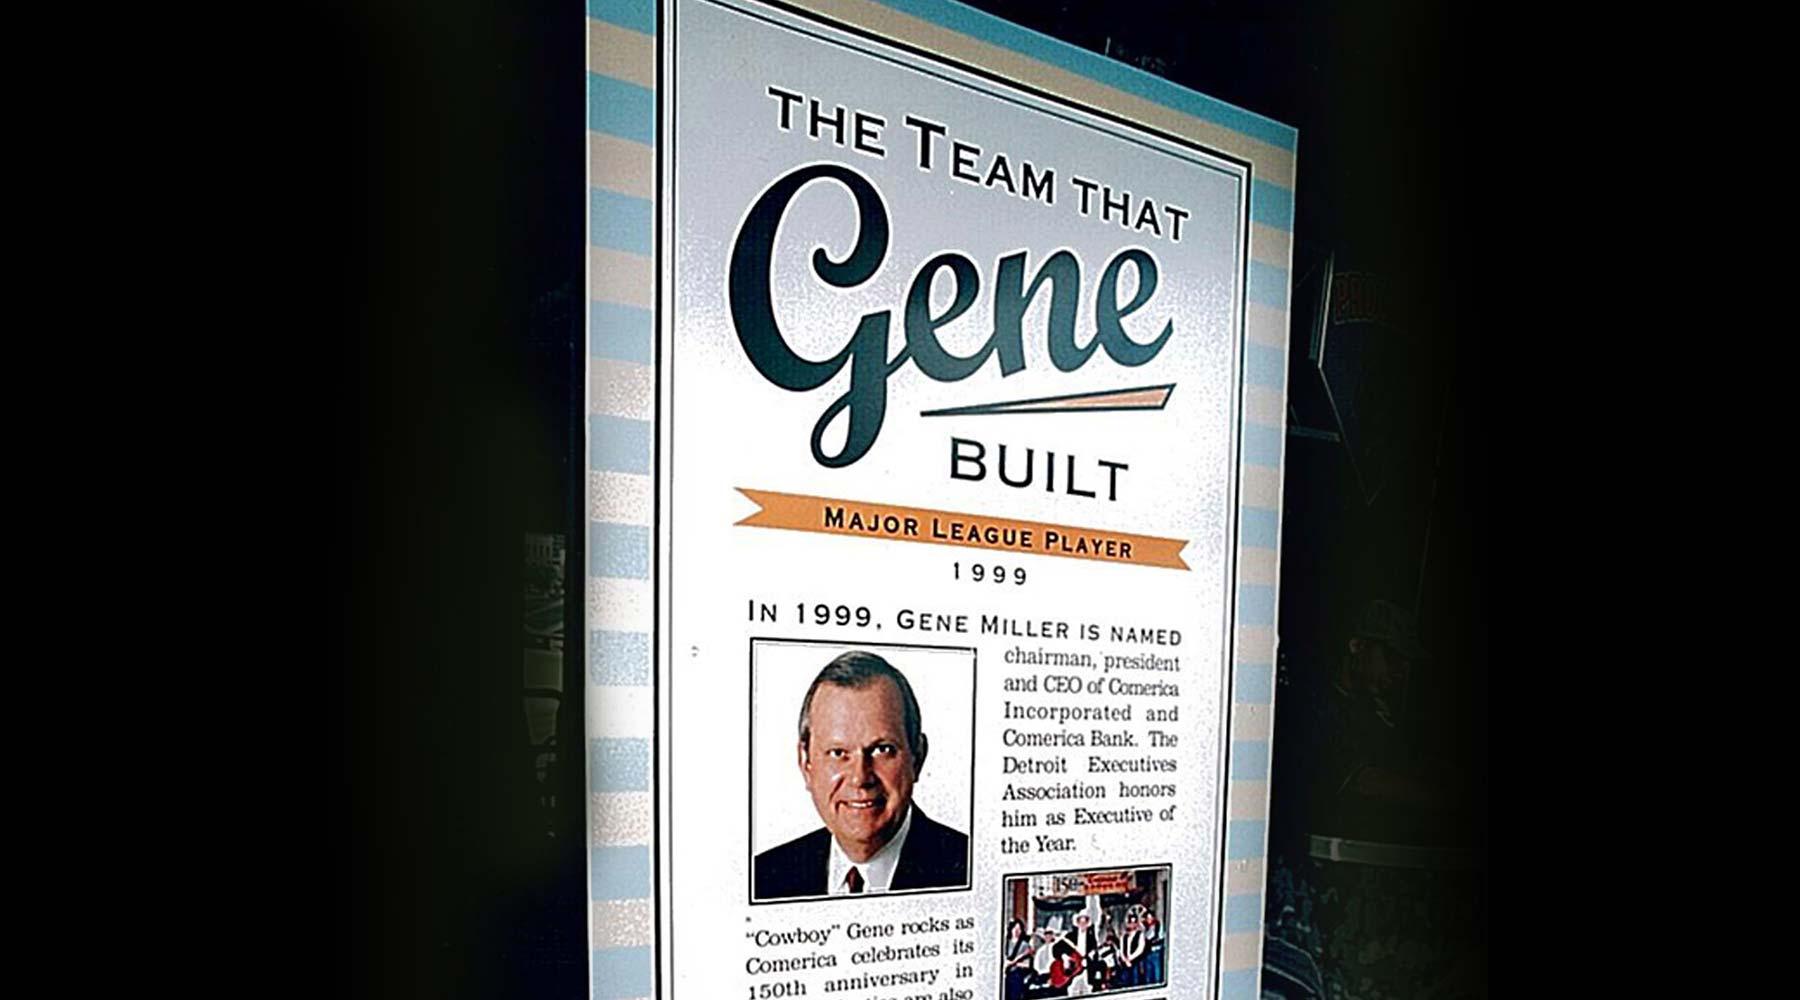 Gene Miller event signage